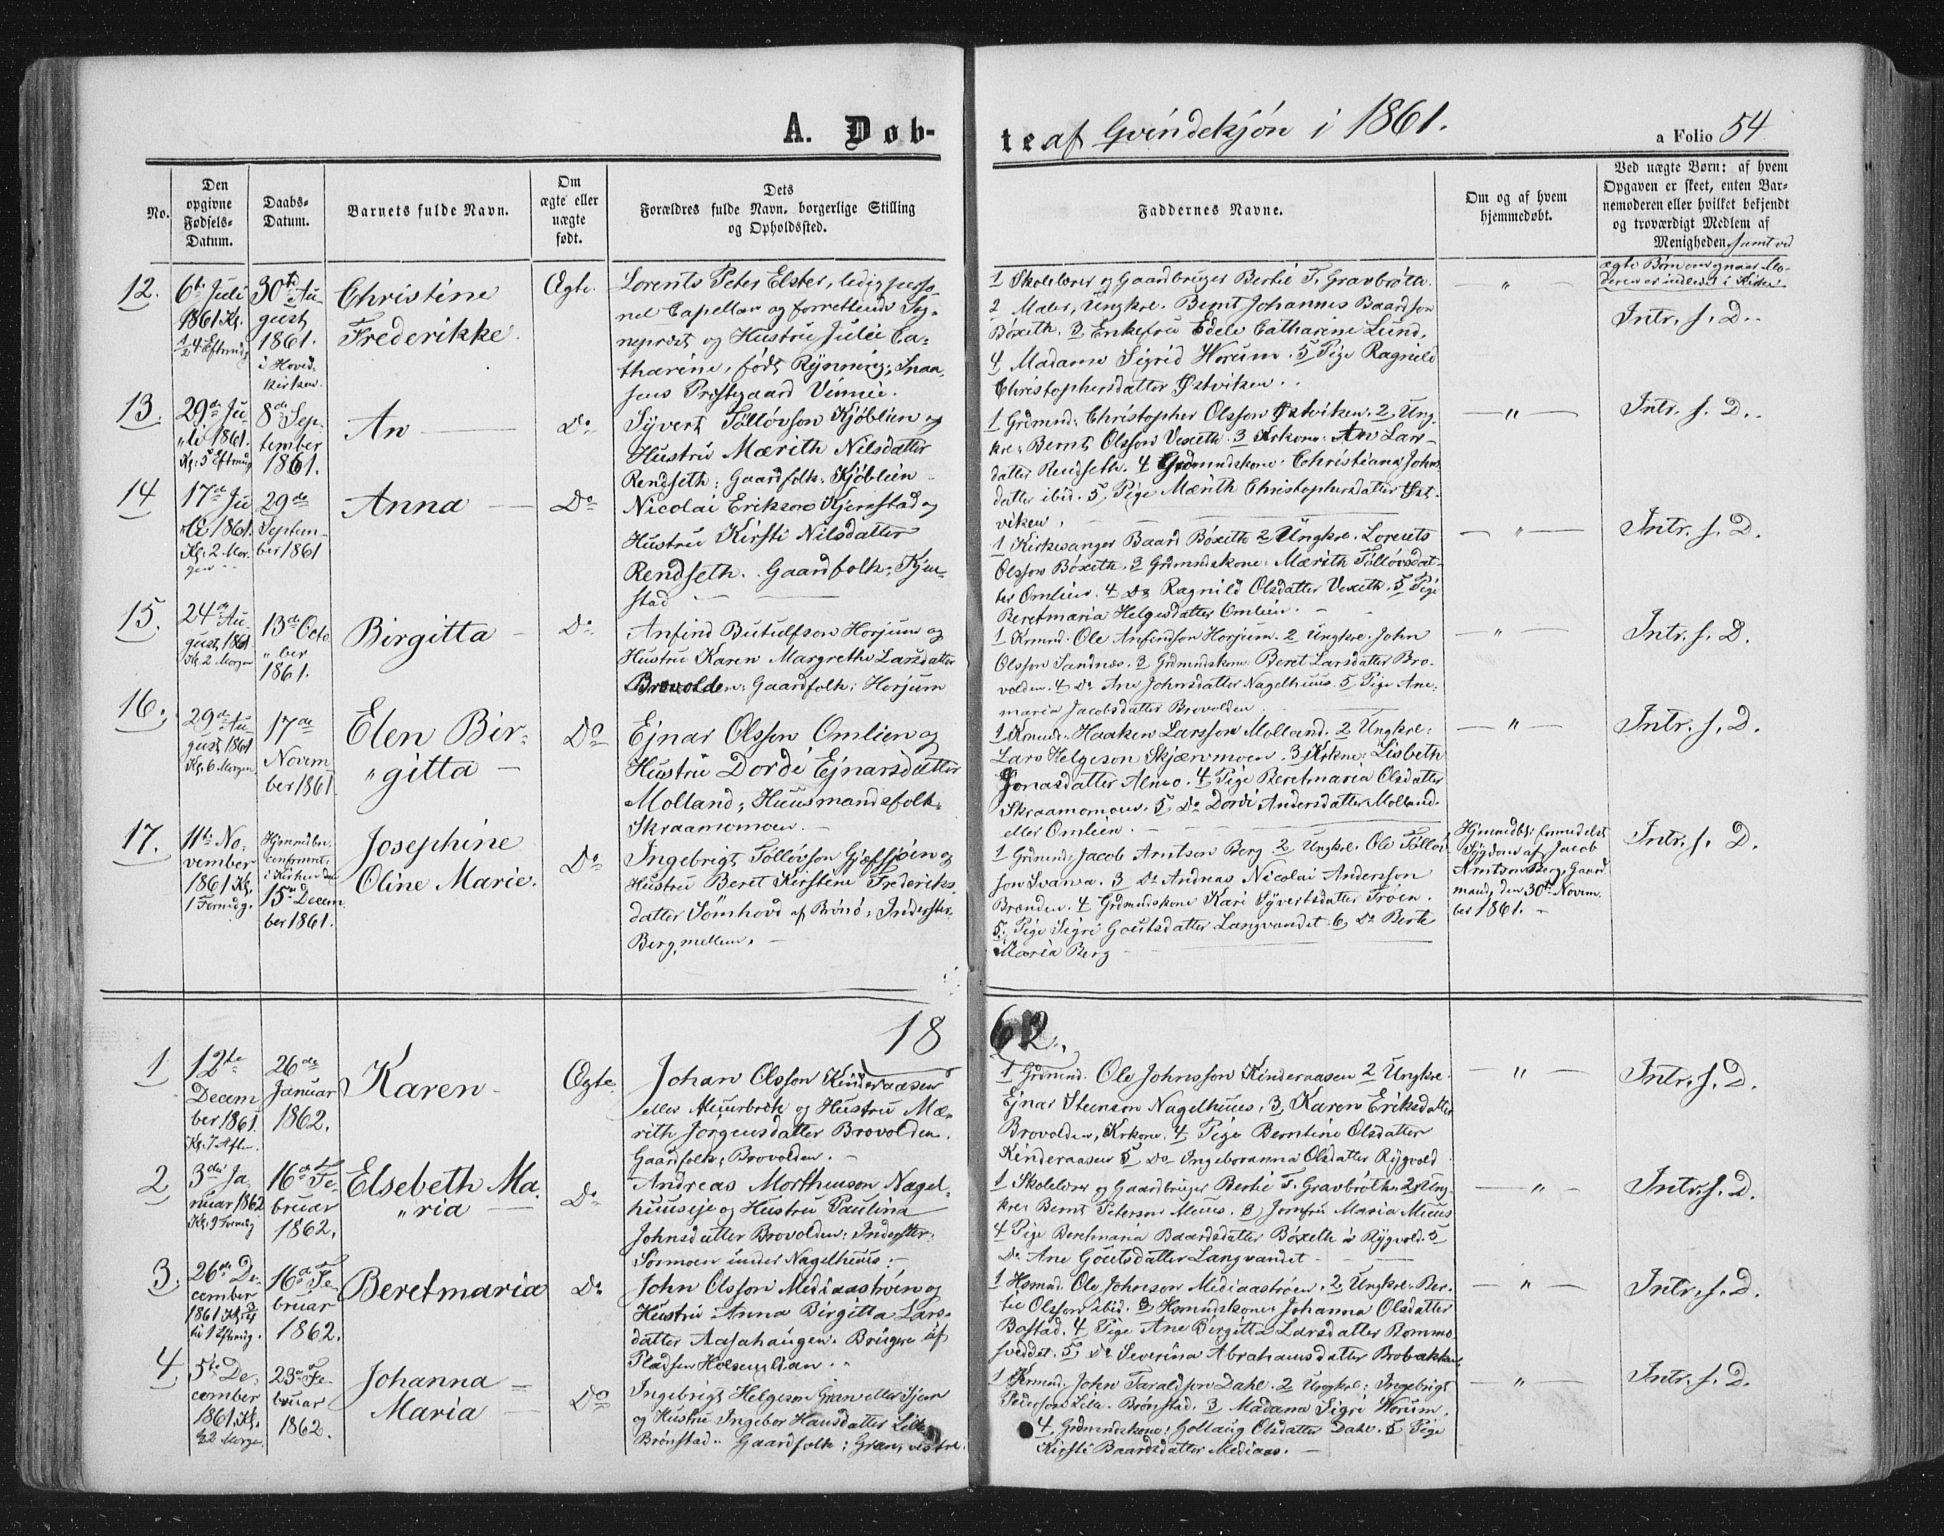 SAT, Ministerialprotokoller, klokkerbøker og fødselsregistre - Nord-Trøndelag, 749/L0472: Ministerialbok nr. 749A06, 1857-1873, s. 54